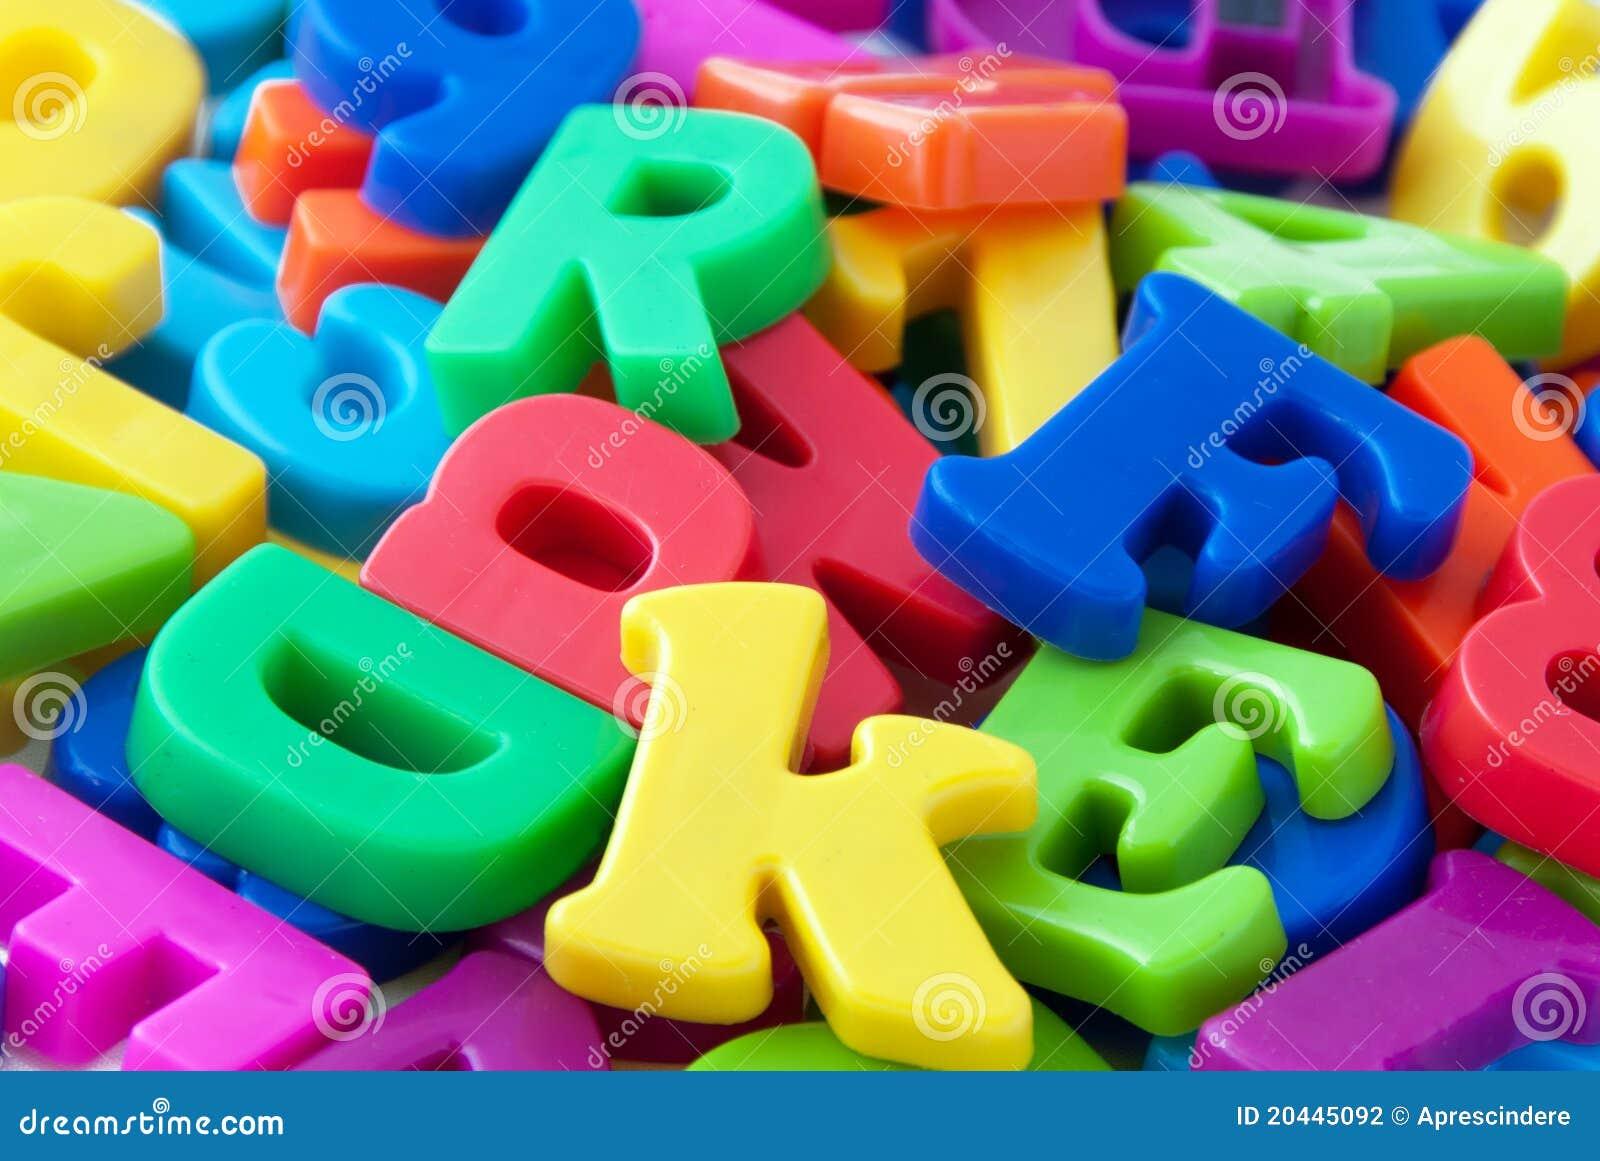 El alfabeto pone letras al fondo